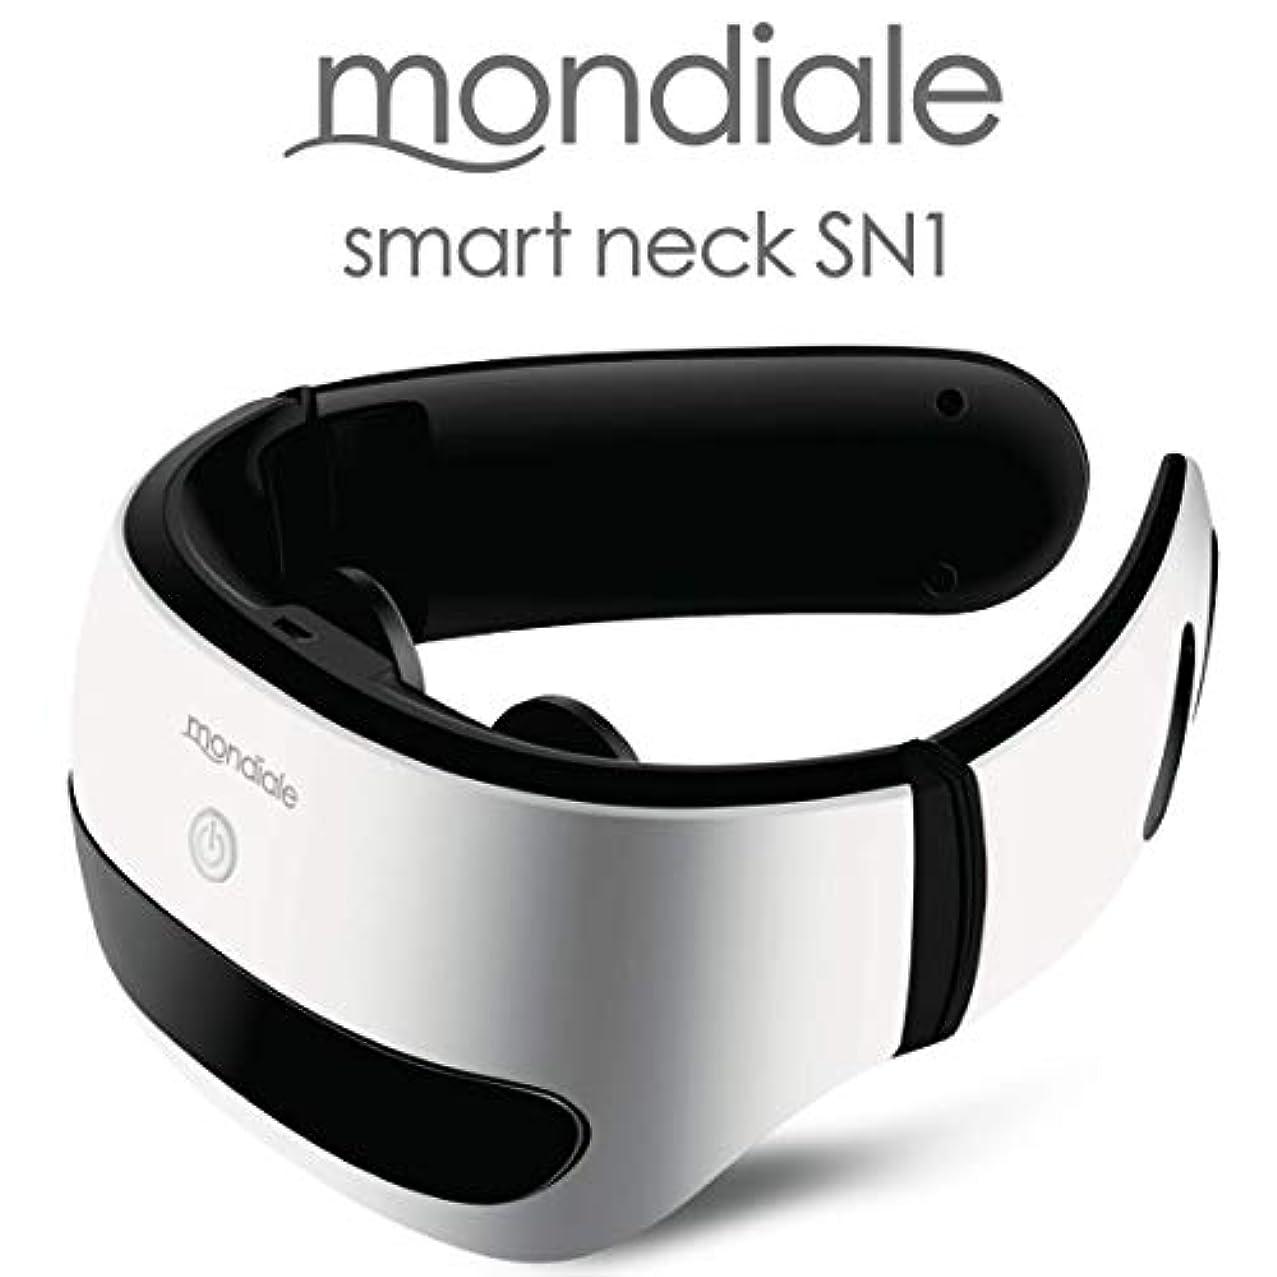 アラブ人前提条件コンバーチブルモンデール スマートネック SN1 mondiale smart neck SN1